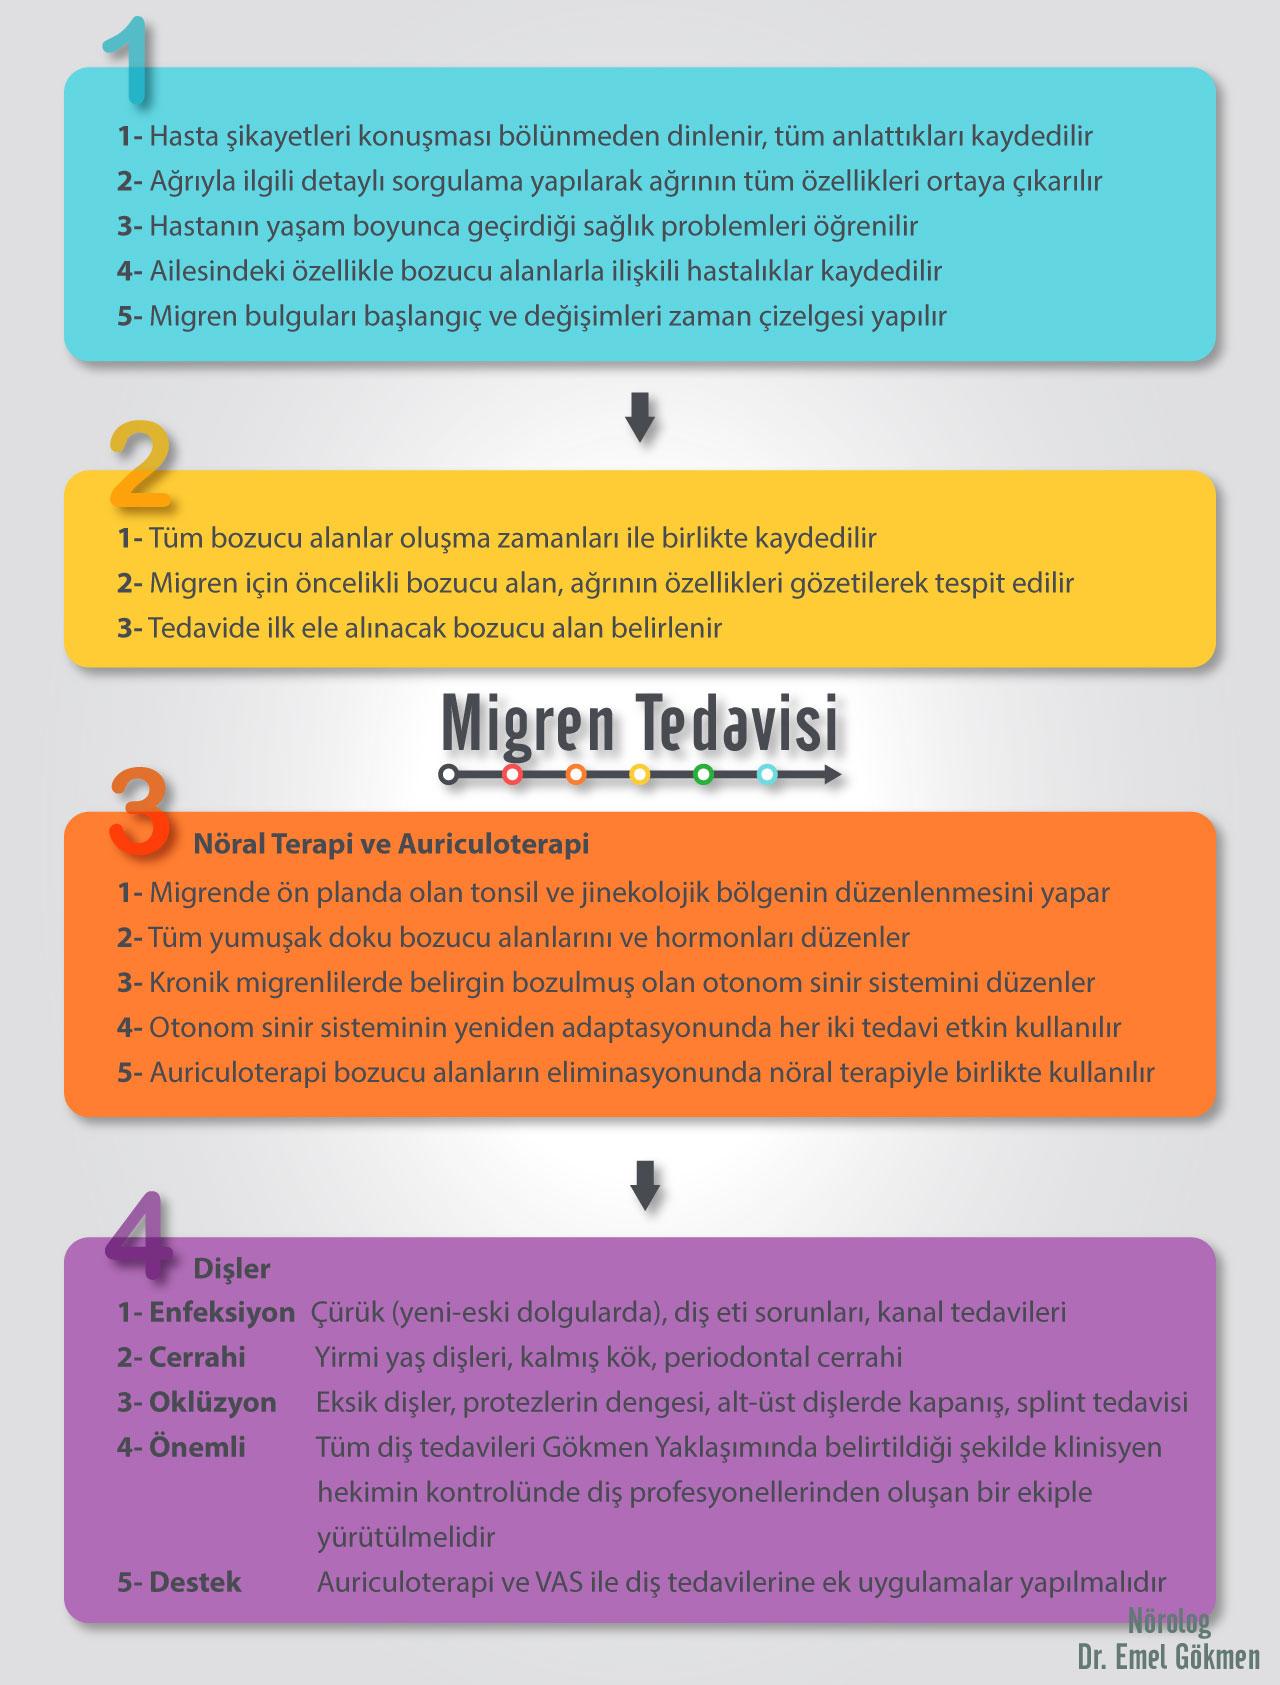 Migren tedavisi infografiği Dr Emel Gökmen